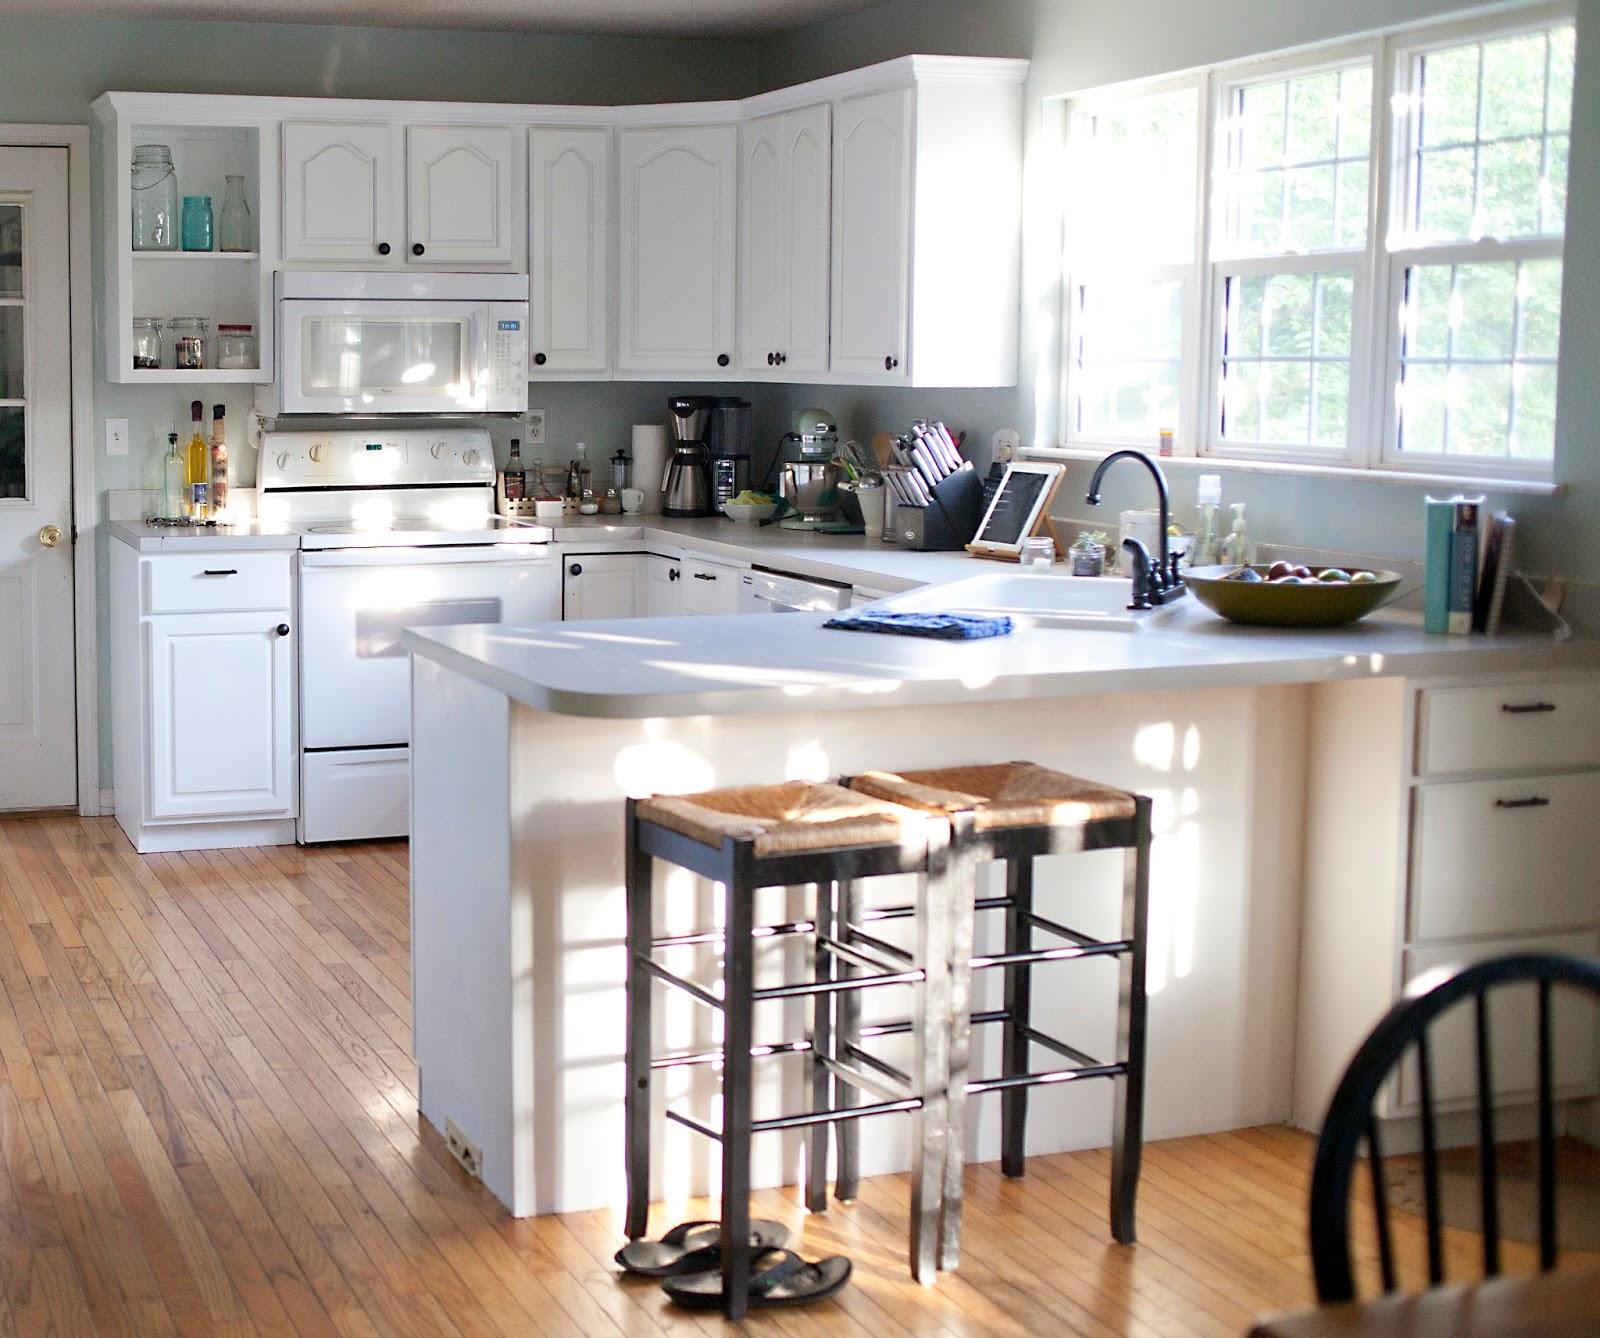 five happy yolks kitchen renovation for under 500. Black Bedroom Furniture Sets. Home Design Ideas